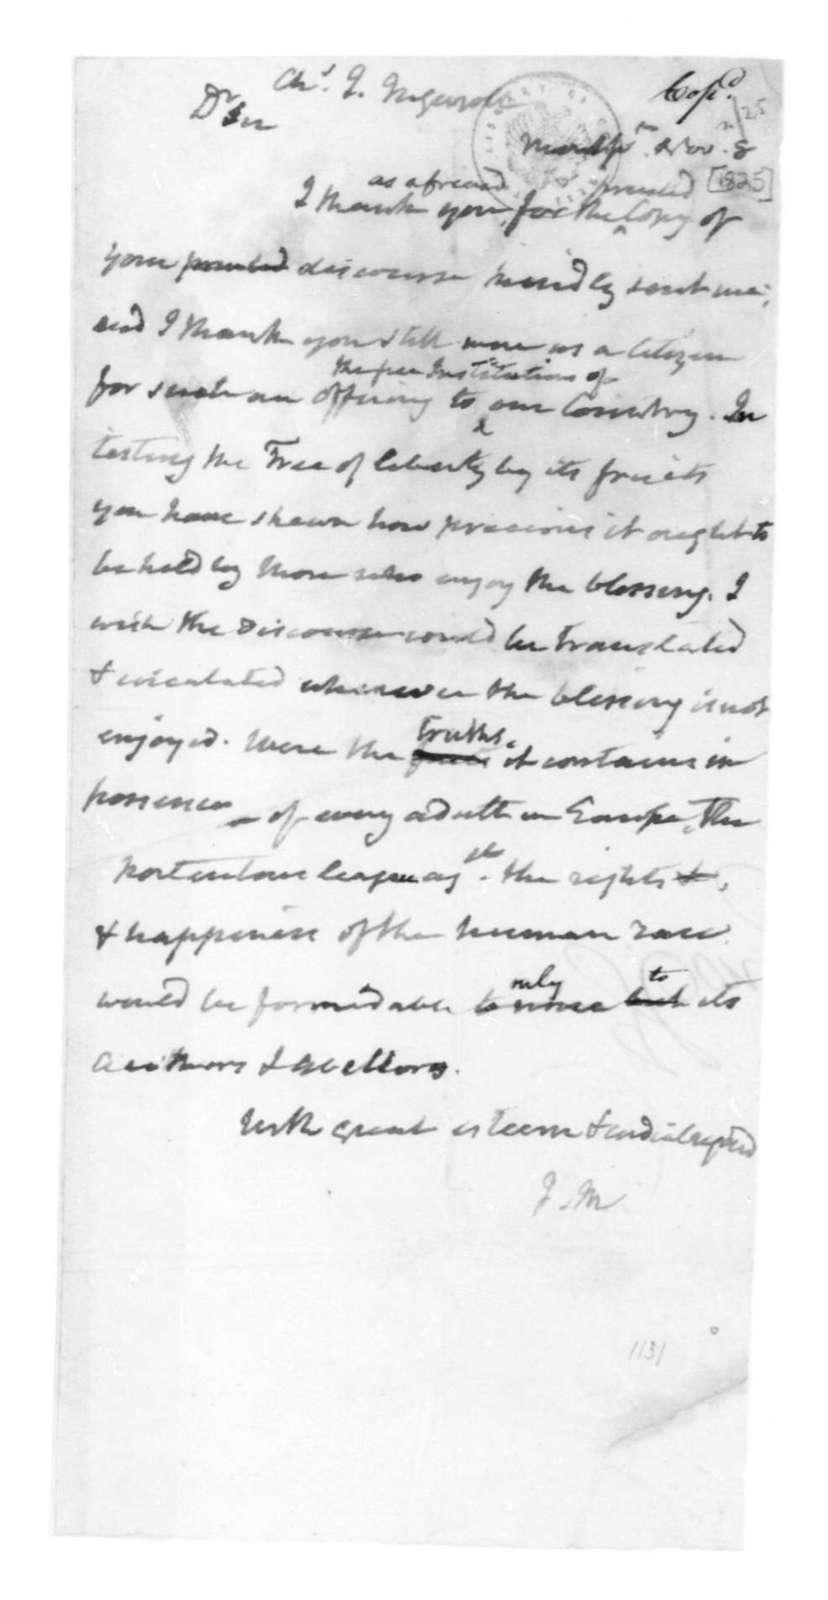 James Madison to Charles J. Ingersoll, November 8, 1825.